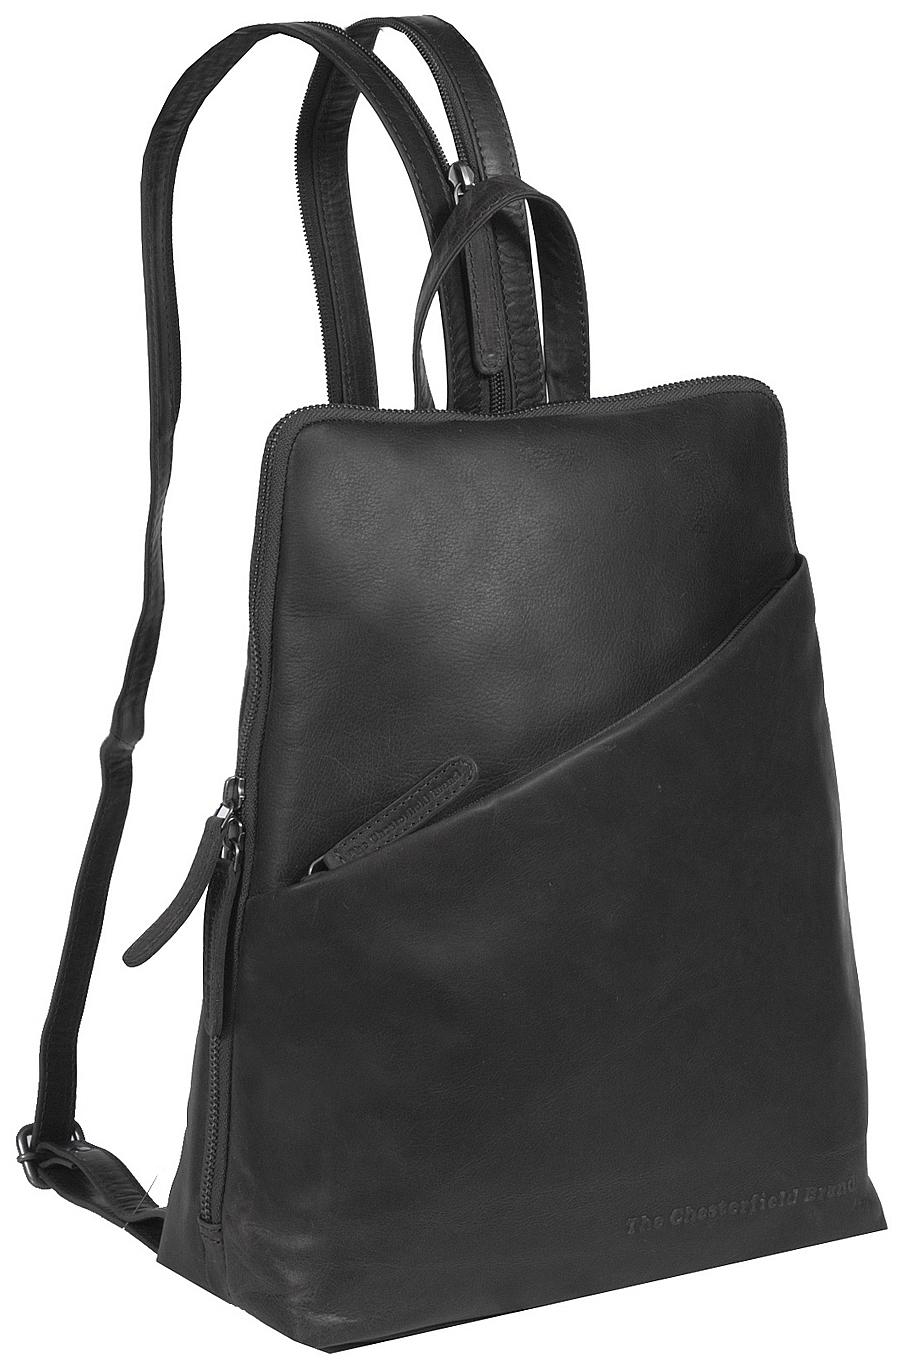 The Chesterfield Brand Dámský kožený batoh do města Bath C58.014700 černý